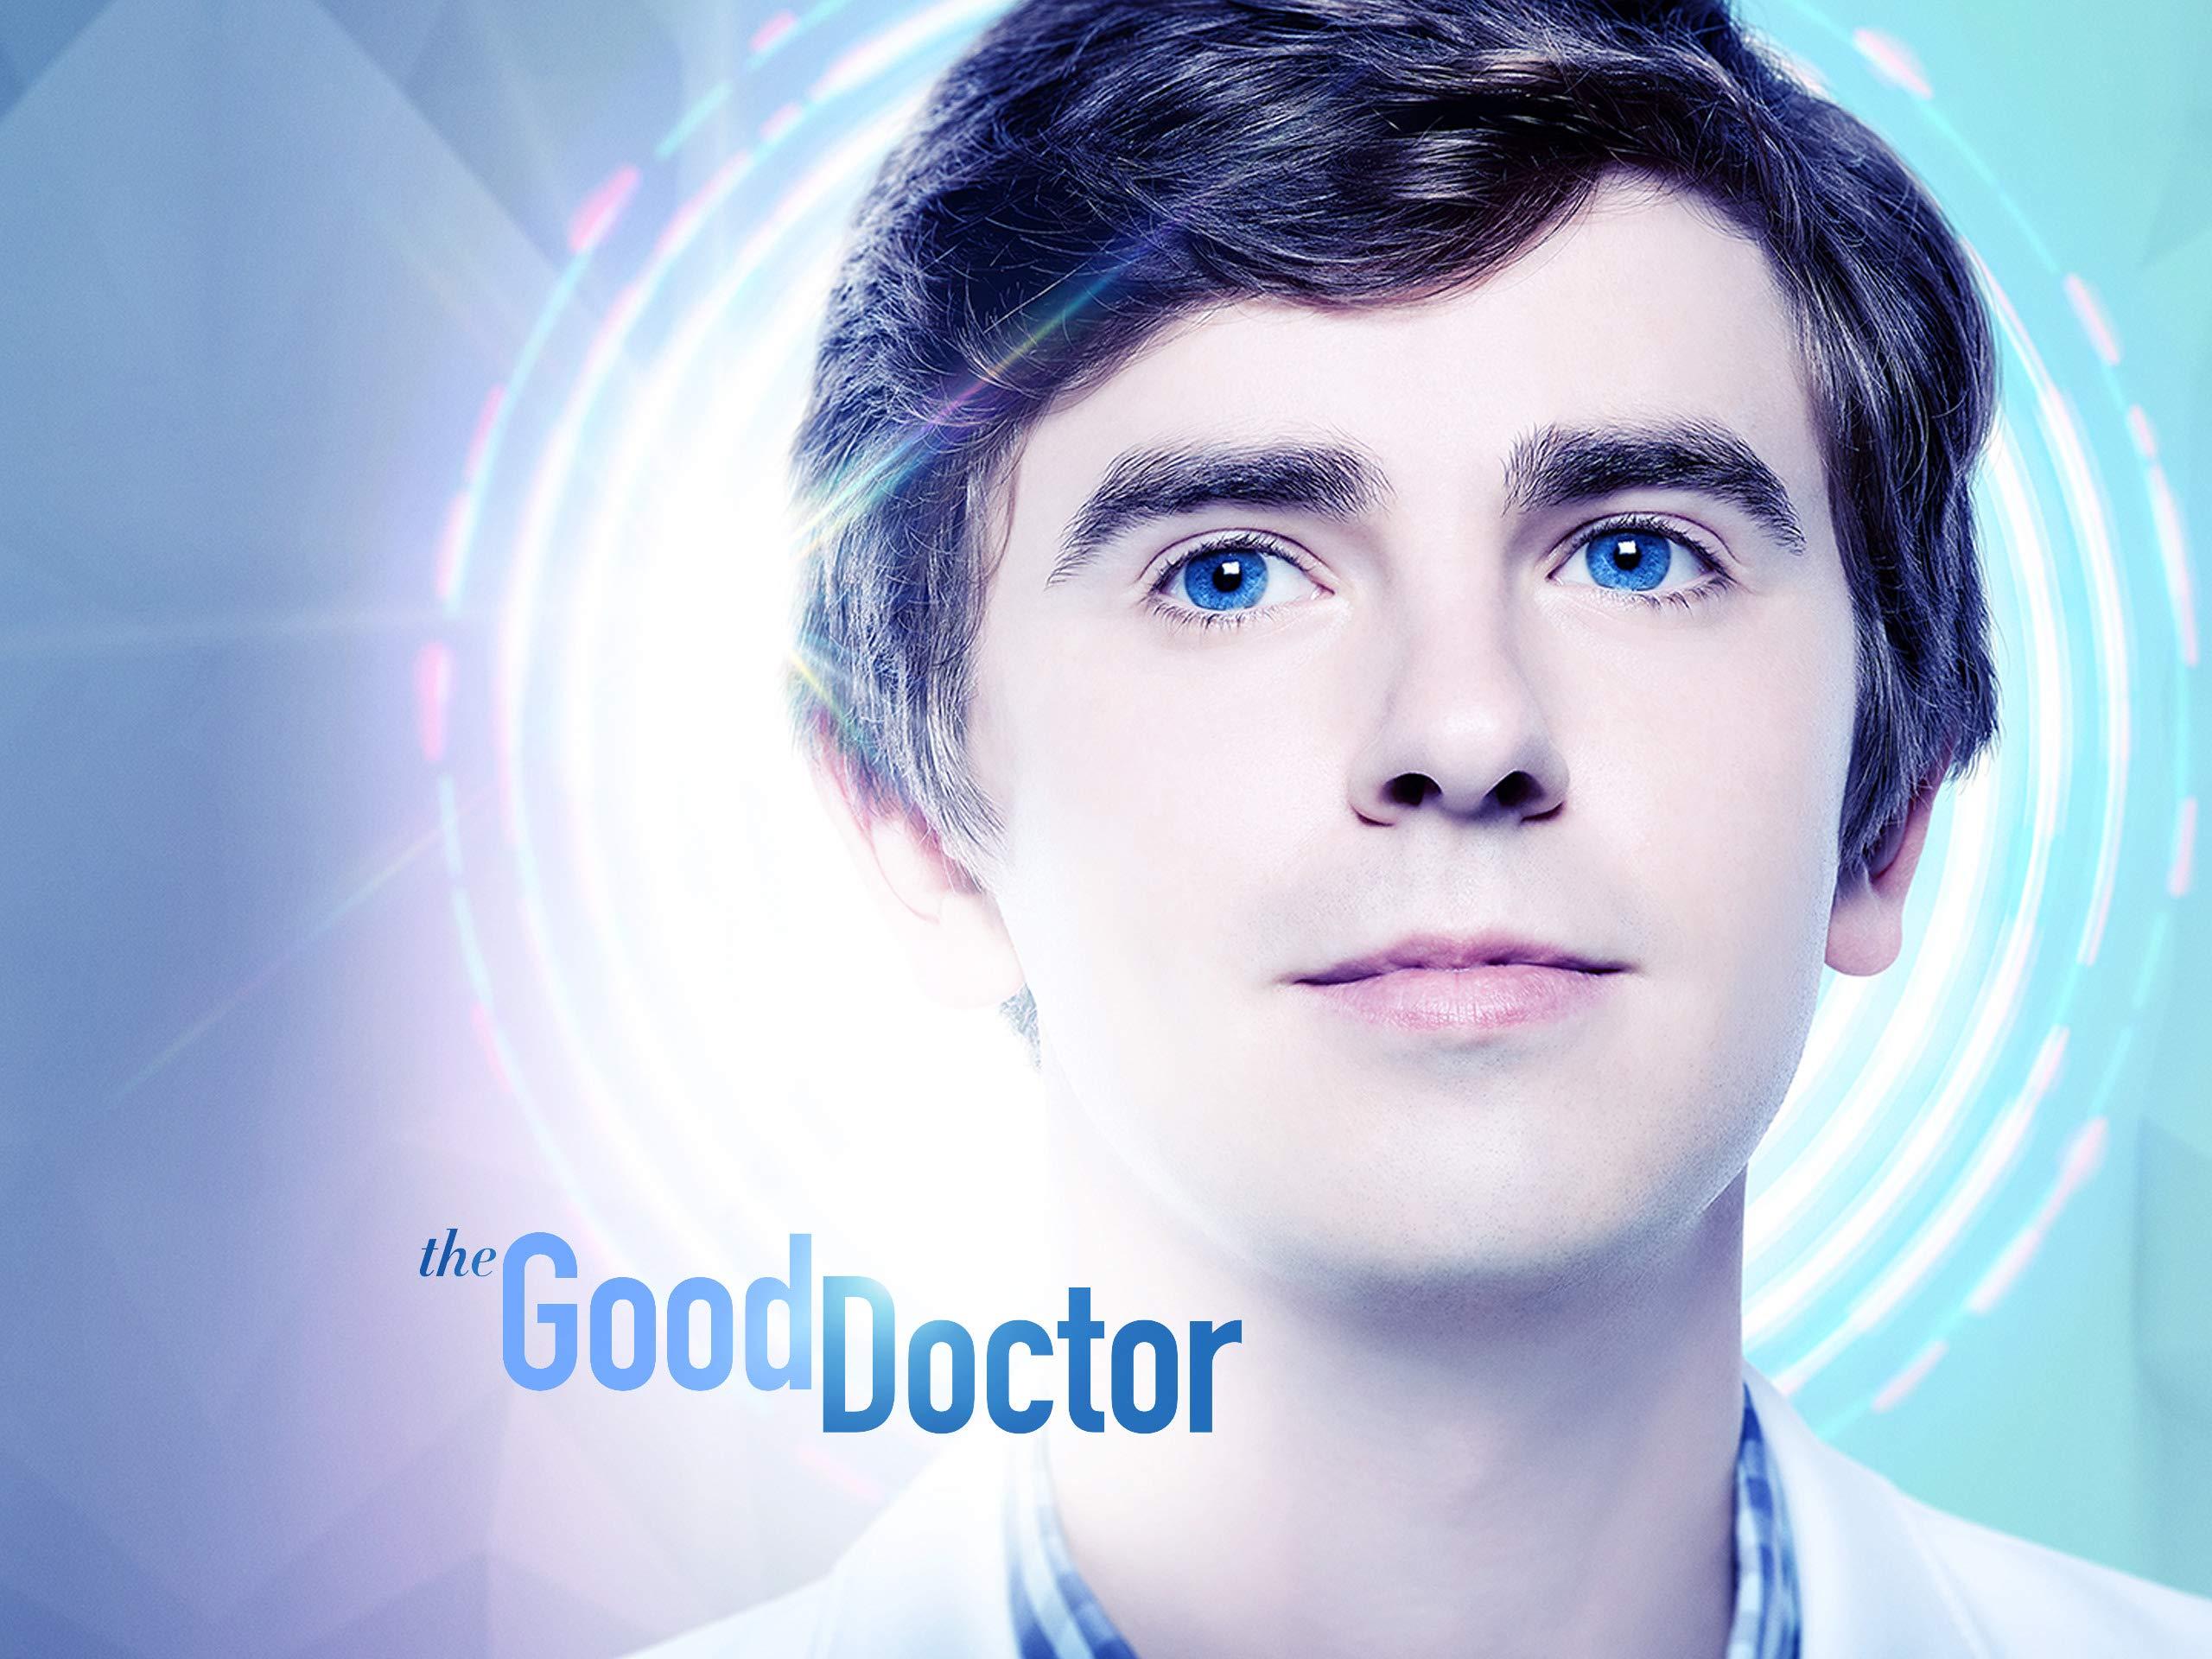 The Good Doctor Amazon